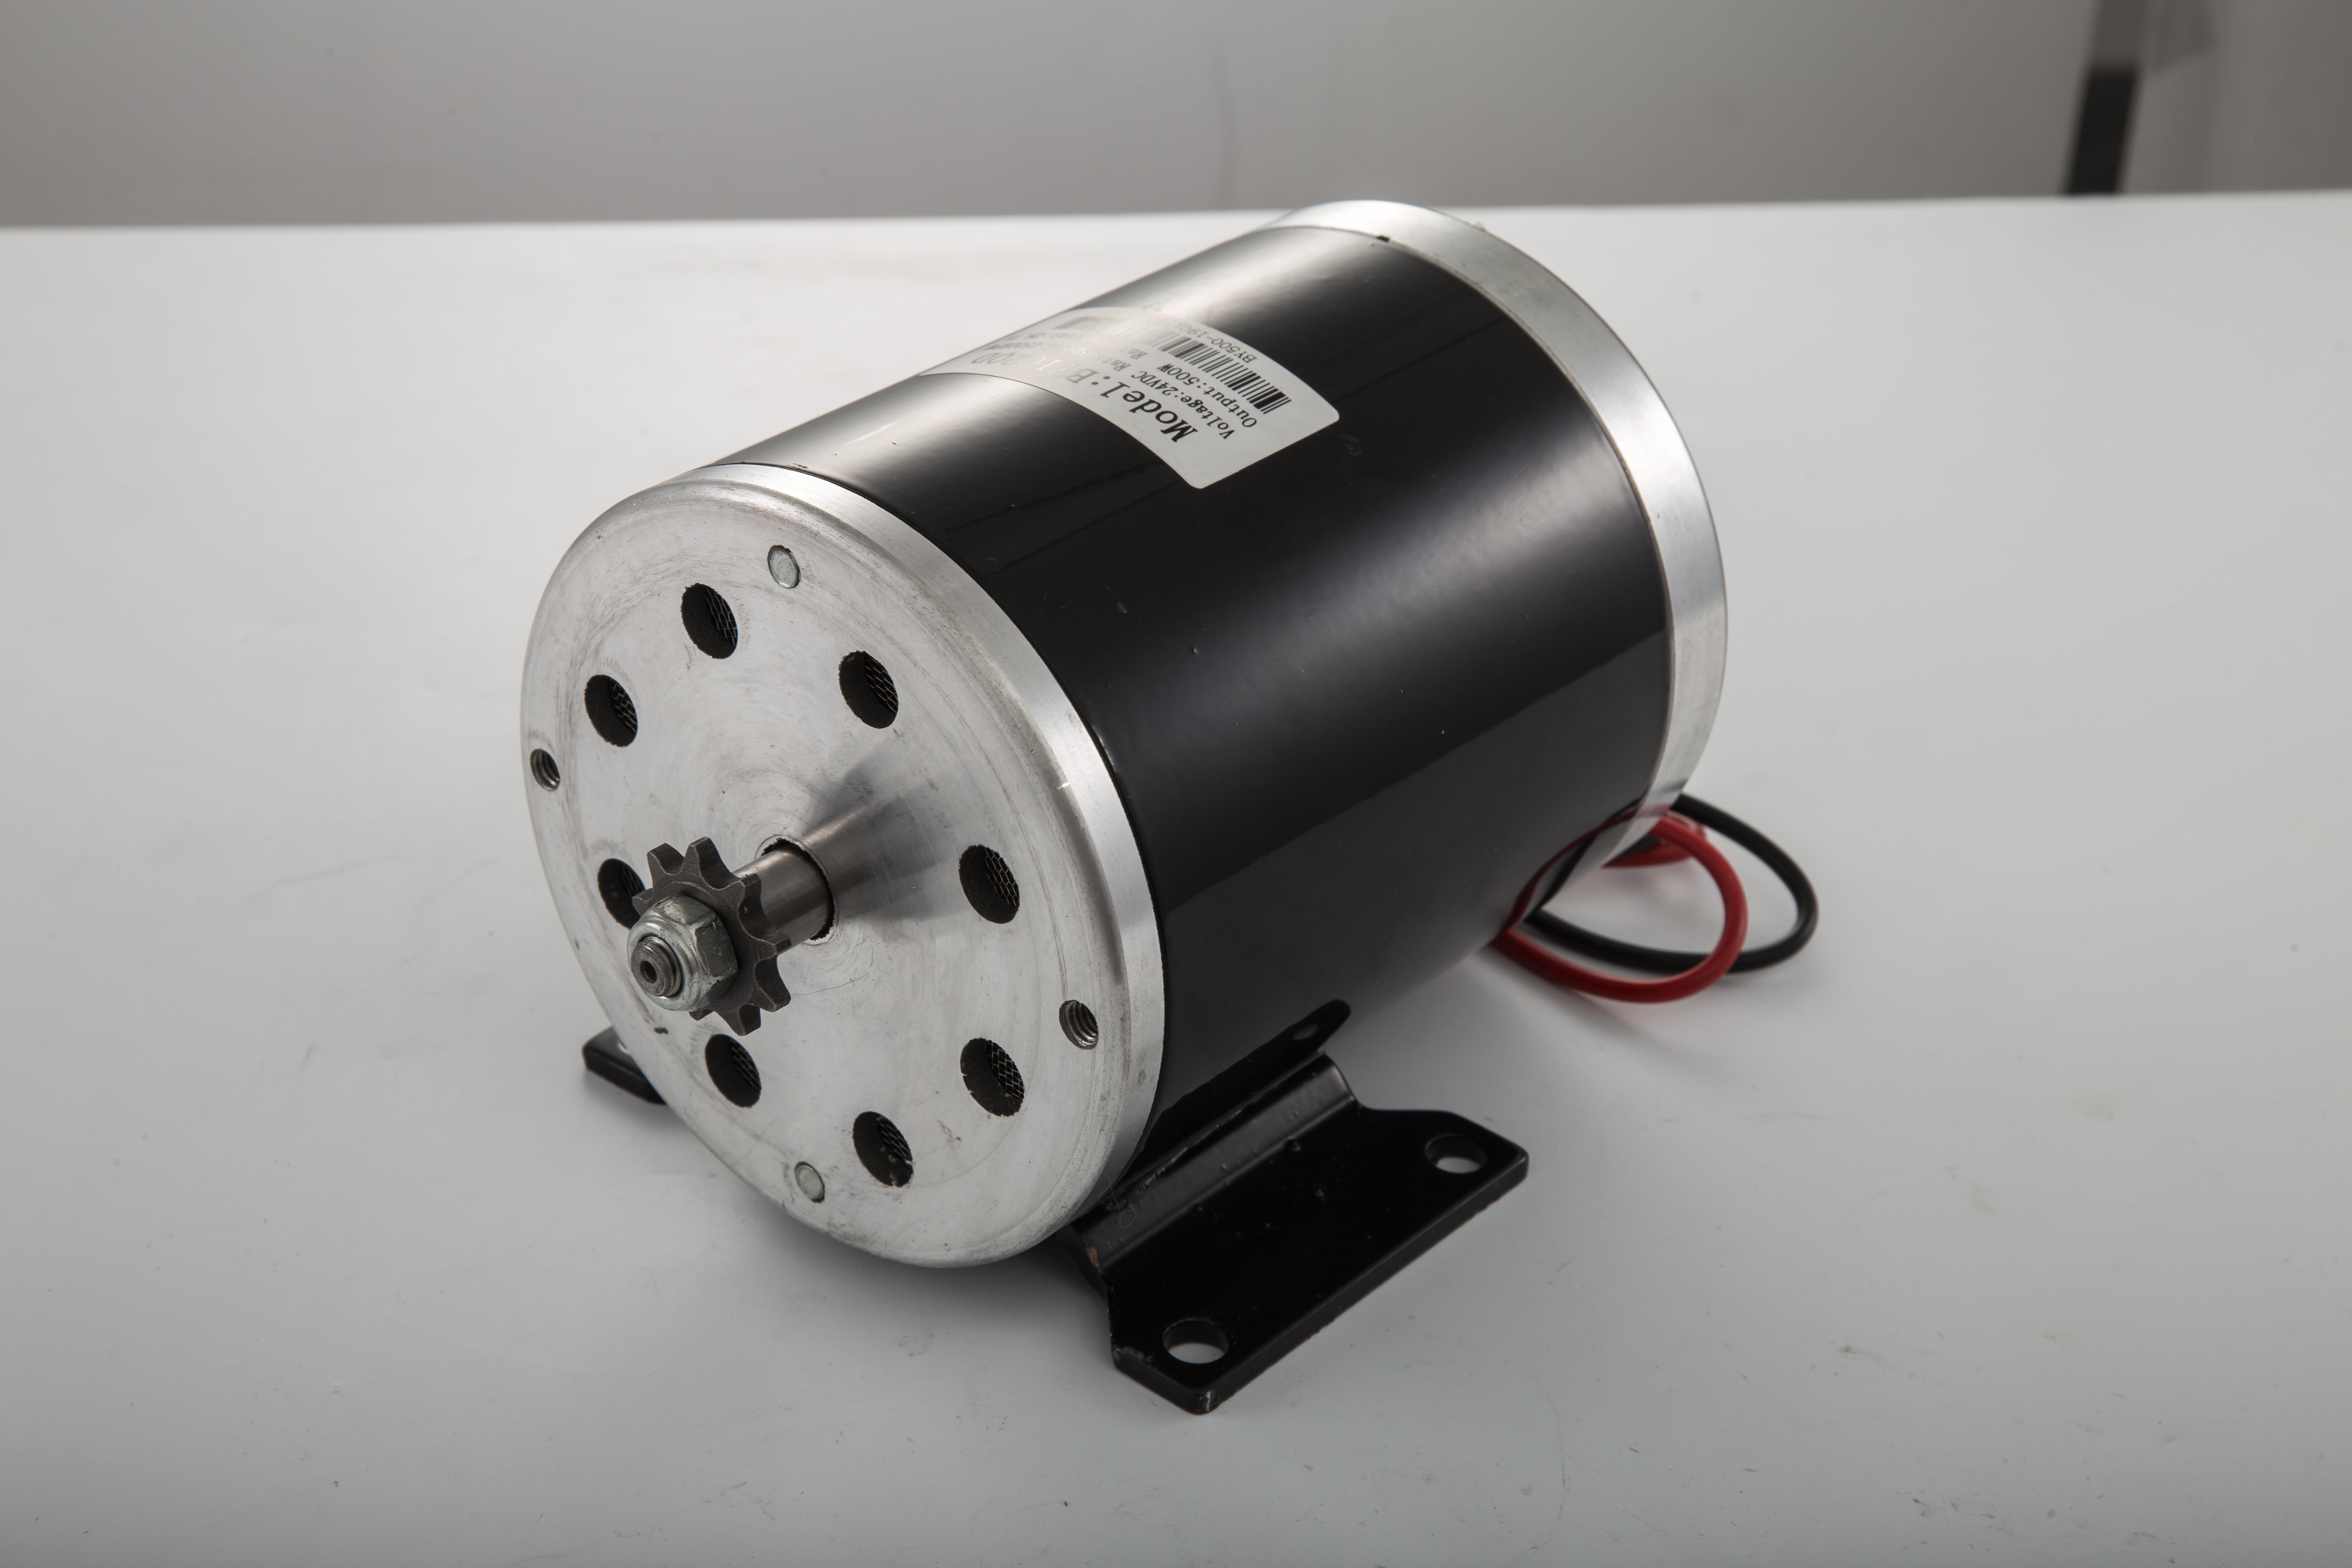 Electric-Motor-E-bike-Motor-controller-kit-DC-24v-12v-Minibike-E-Scooter-ATV thumbnail 101